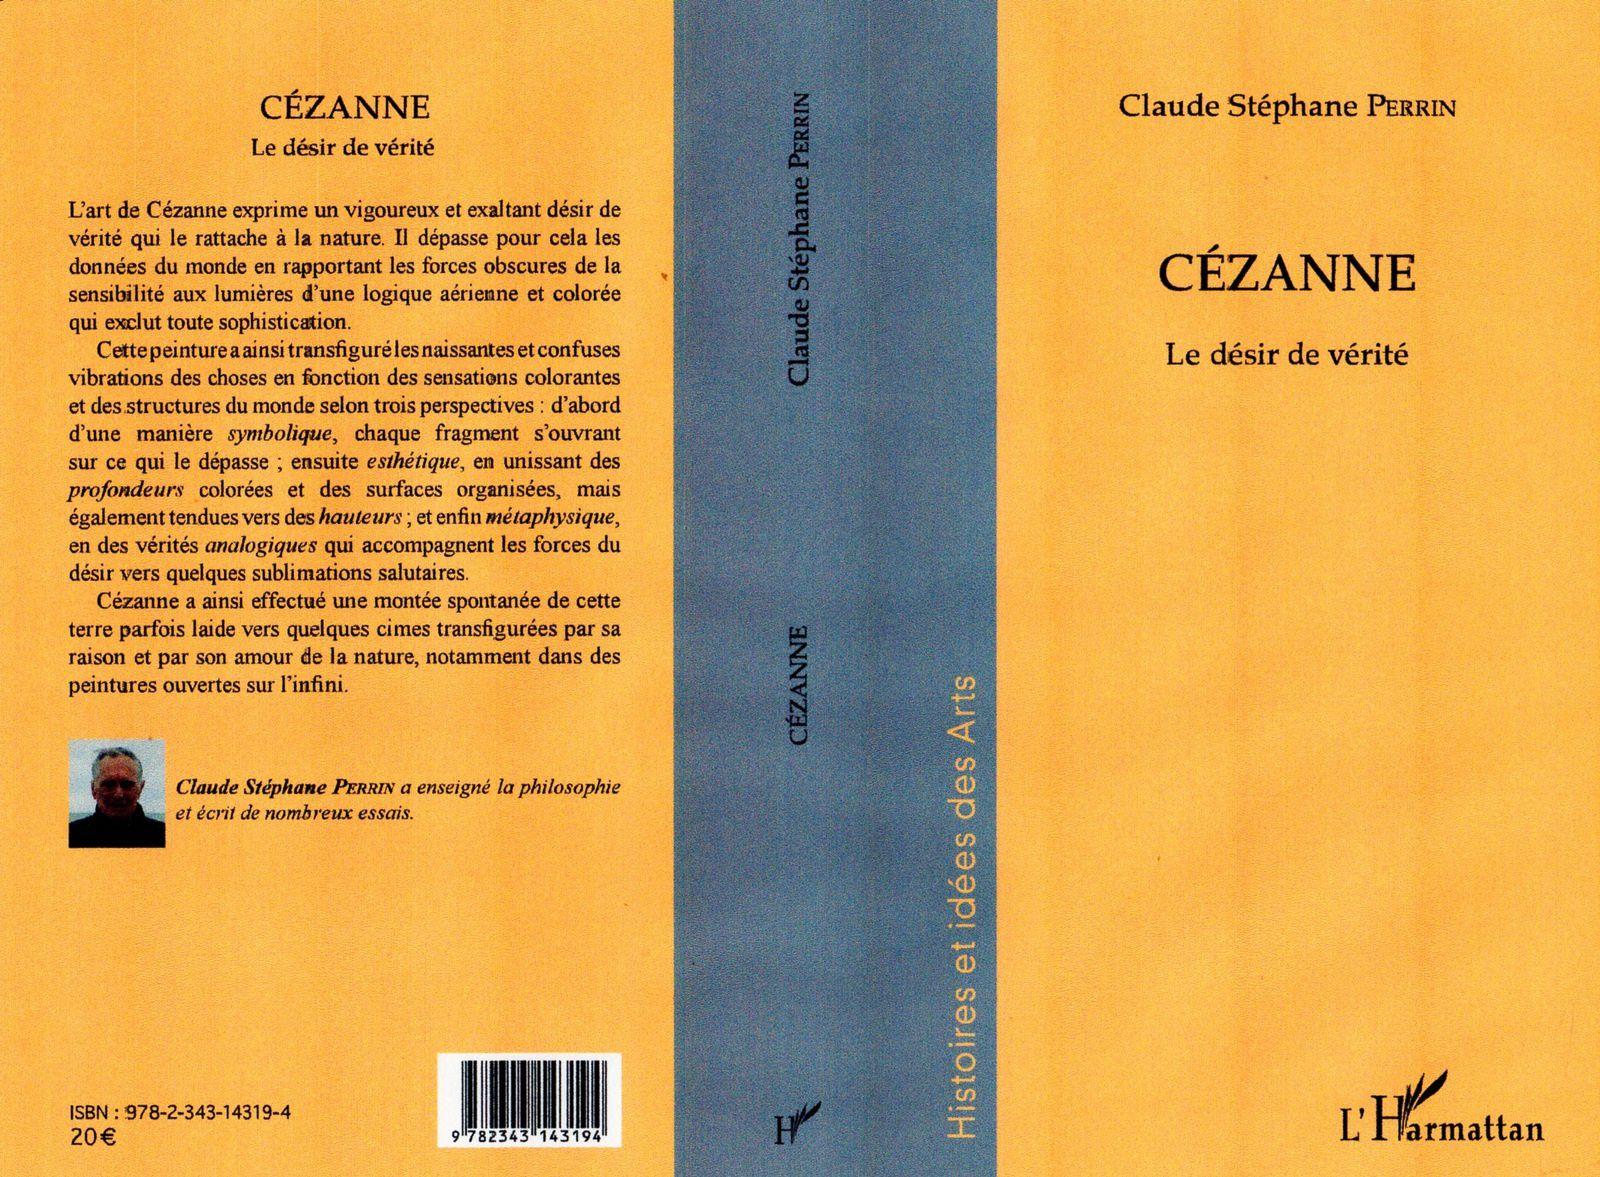 Cézanne et la vision d'un chaos irisé